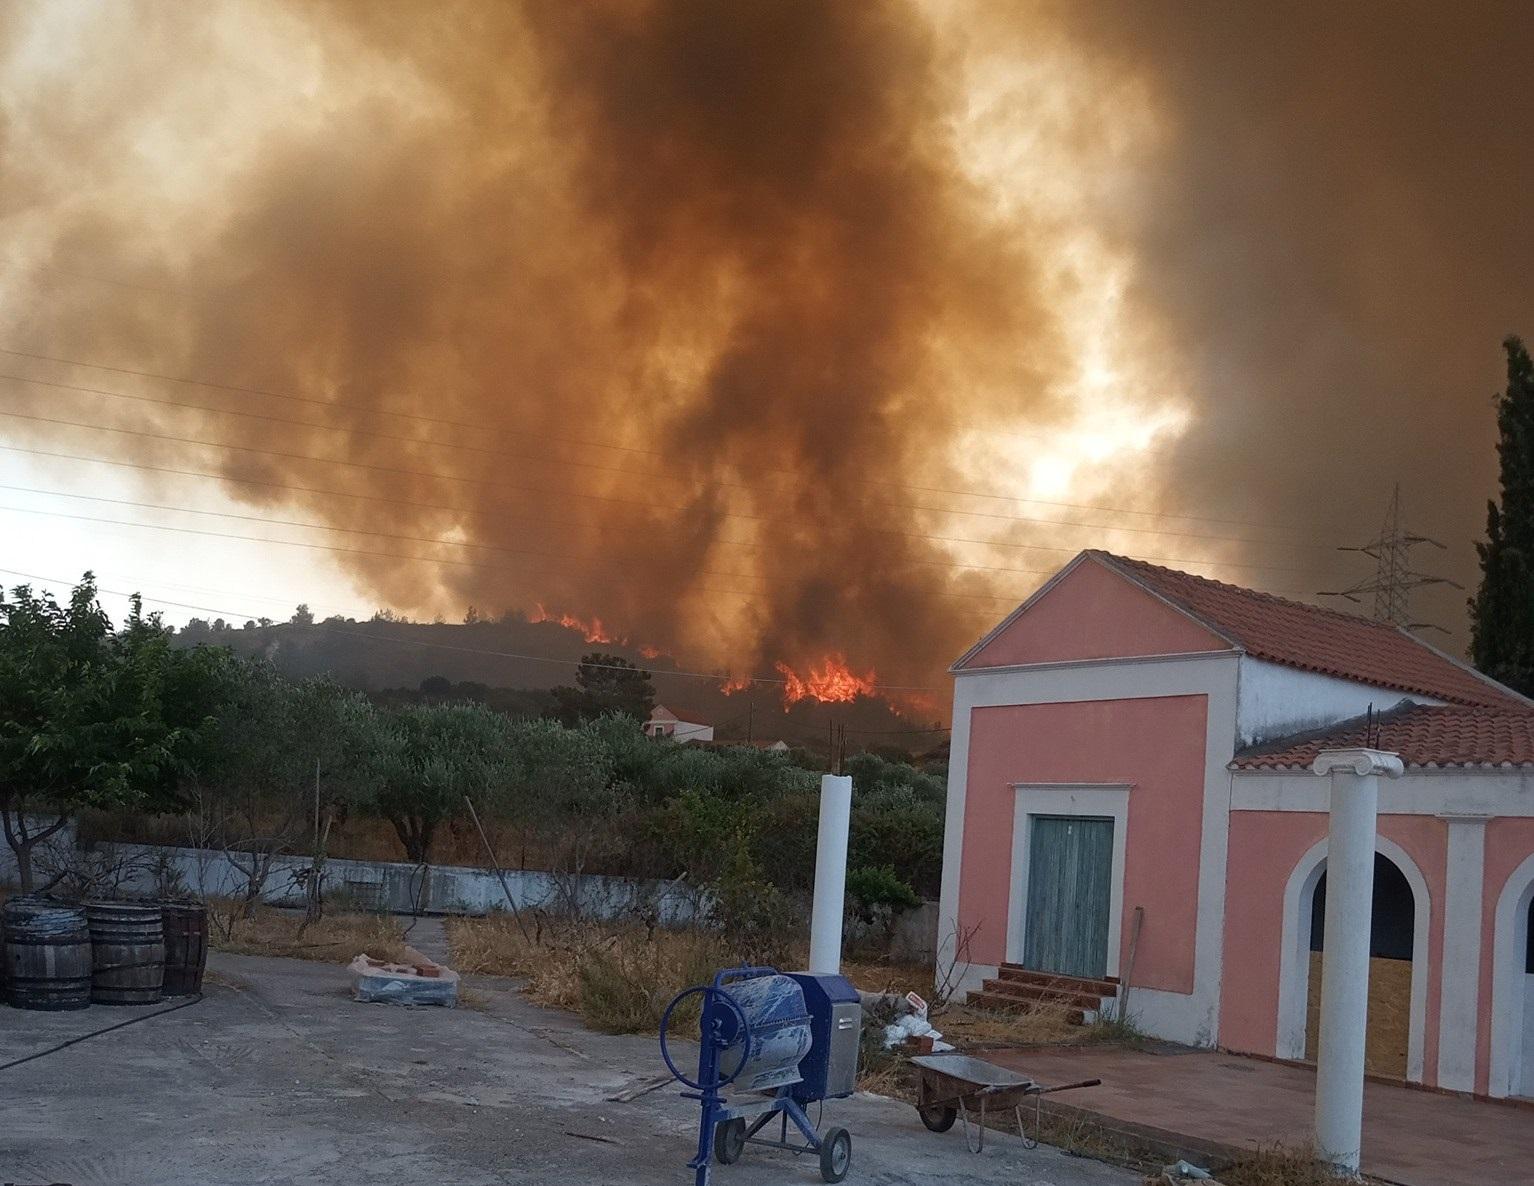 Φωτιά στη Ρόδο: Παραδομένο στις φλόγες το νησί  – Τεράστιος ο κίνδυνος πυρκαγιάς αύριο σε όλη τη χώρα